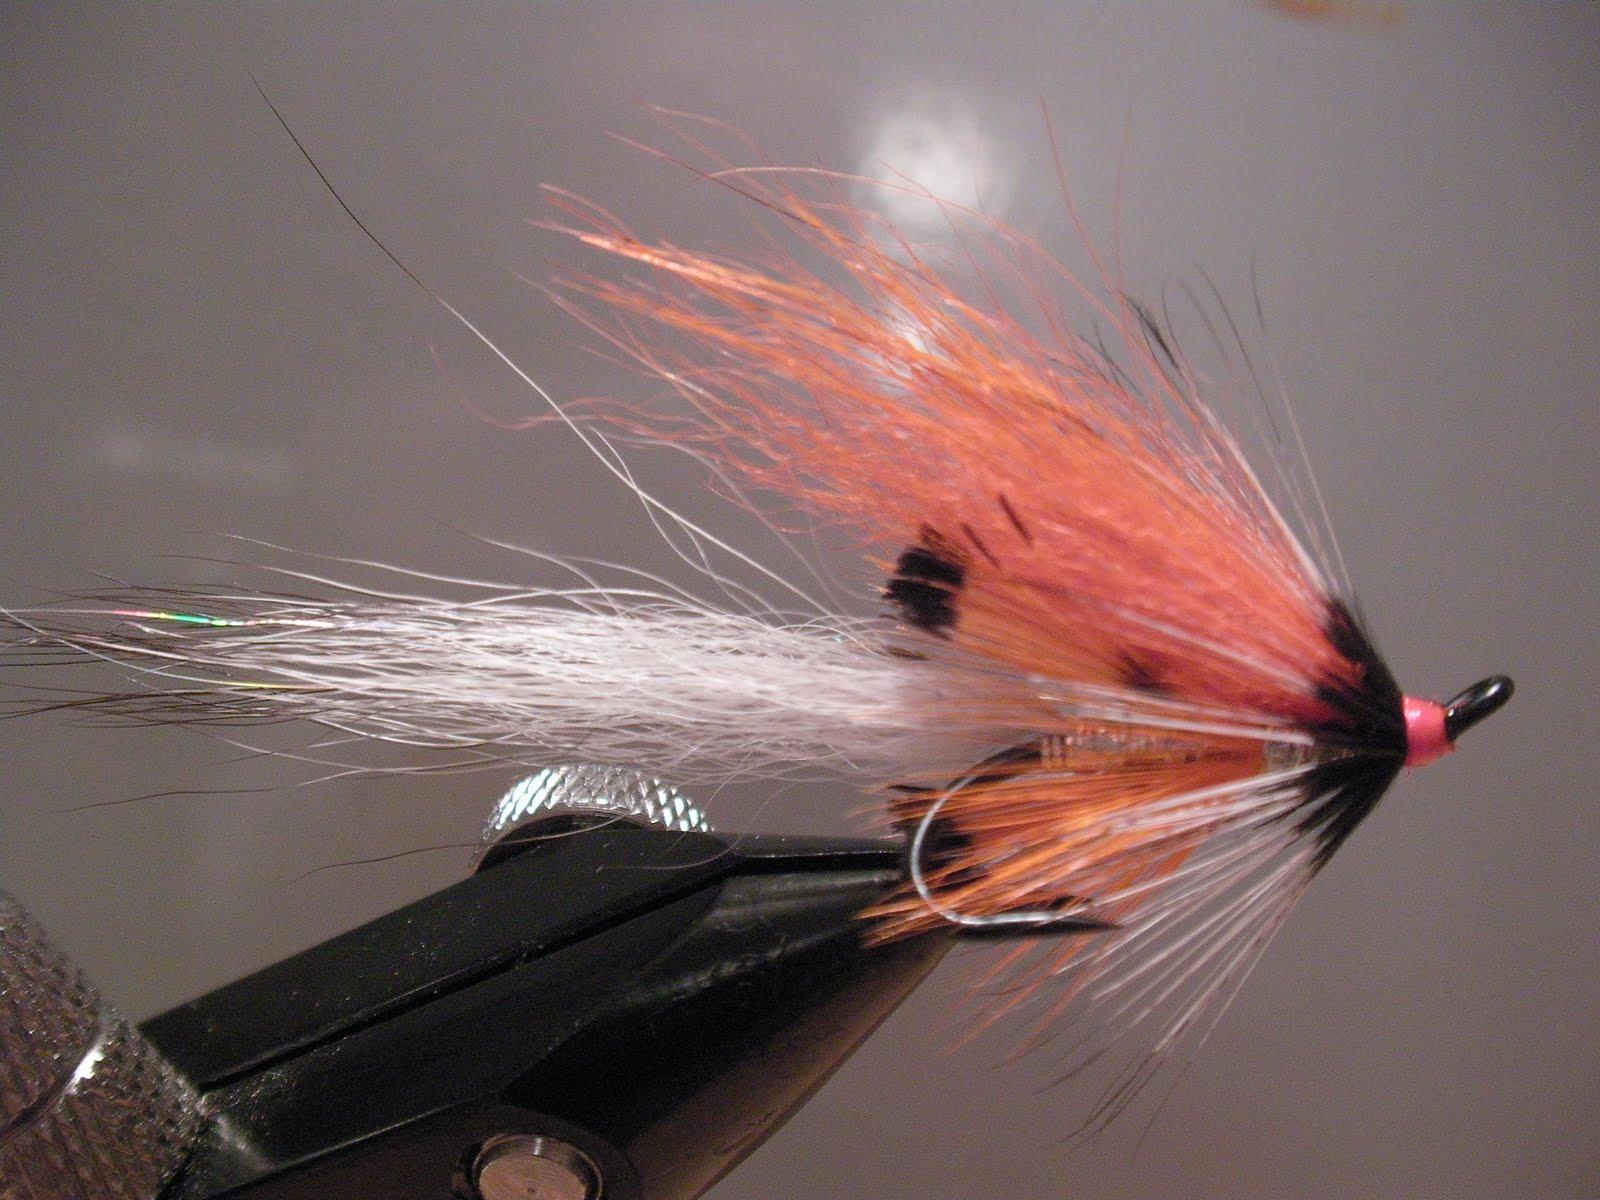 Salmon fly silver shadow shrimp salmon fly for Salon fly